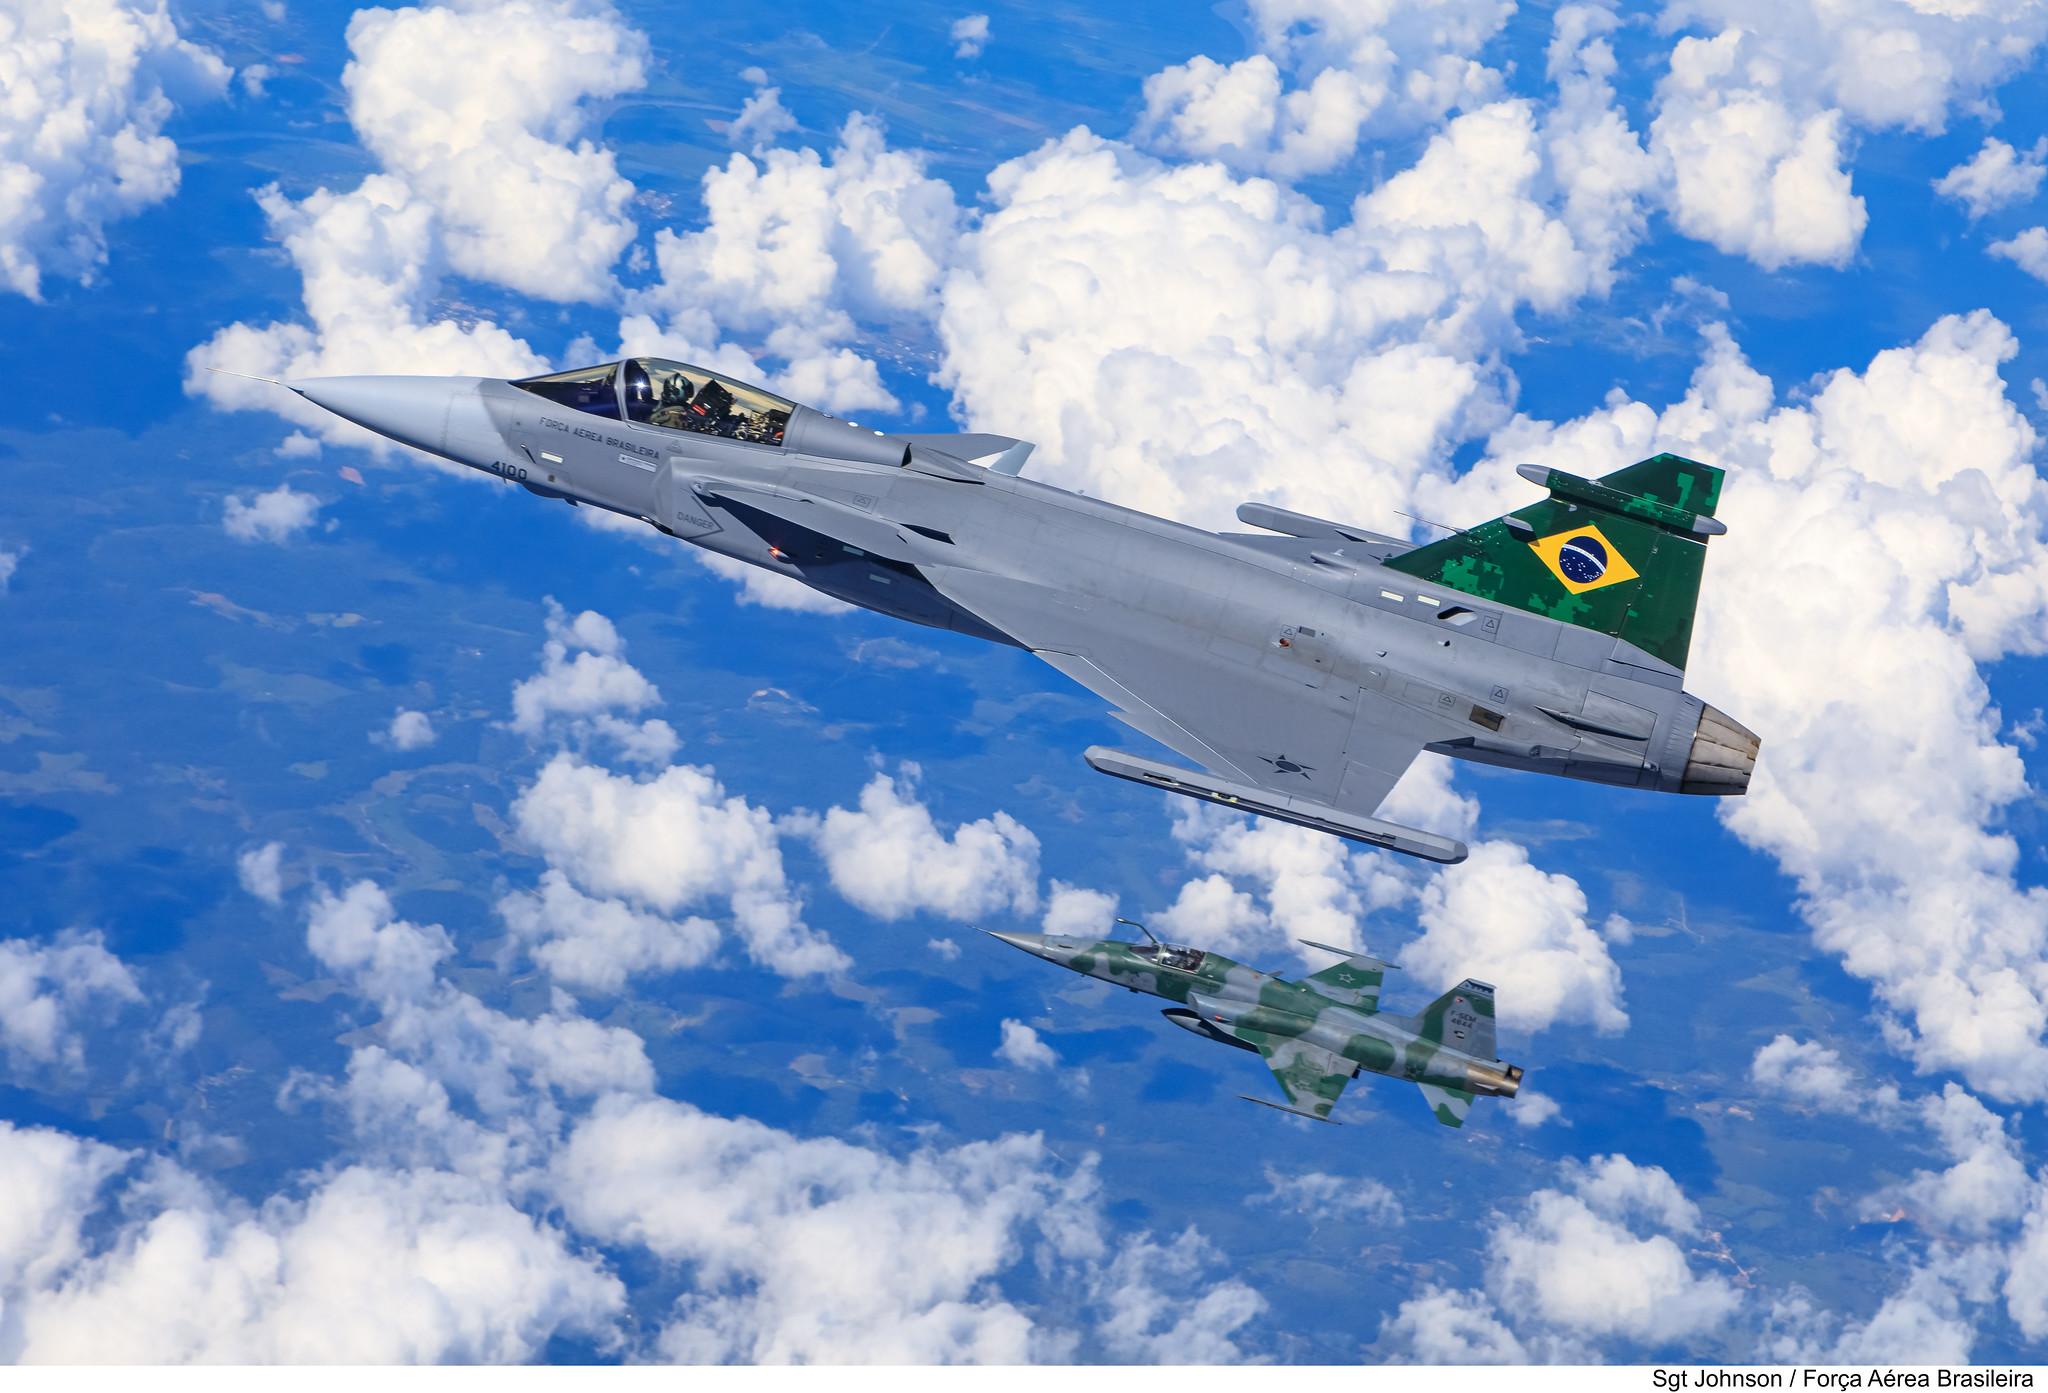 Embraer F-39 Gripen Imagens-da-FAB-do-primeiro-voo-do-F-39-Gripen-sobre-o-Brasil-7